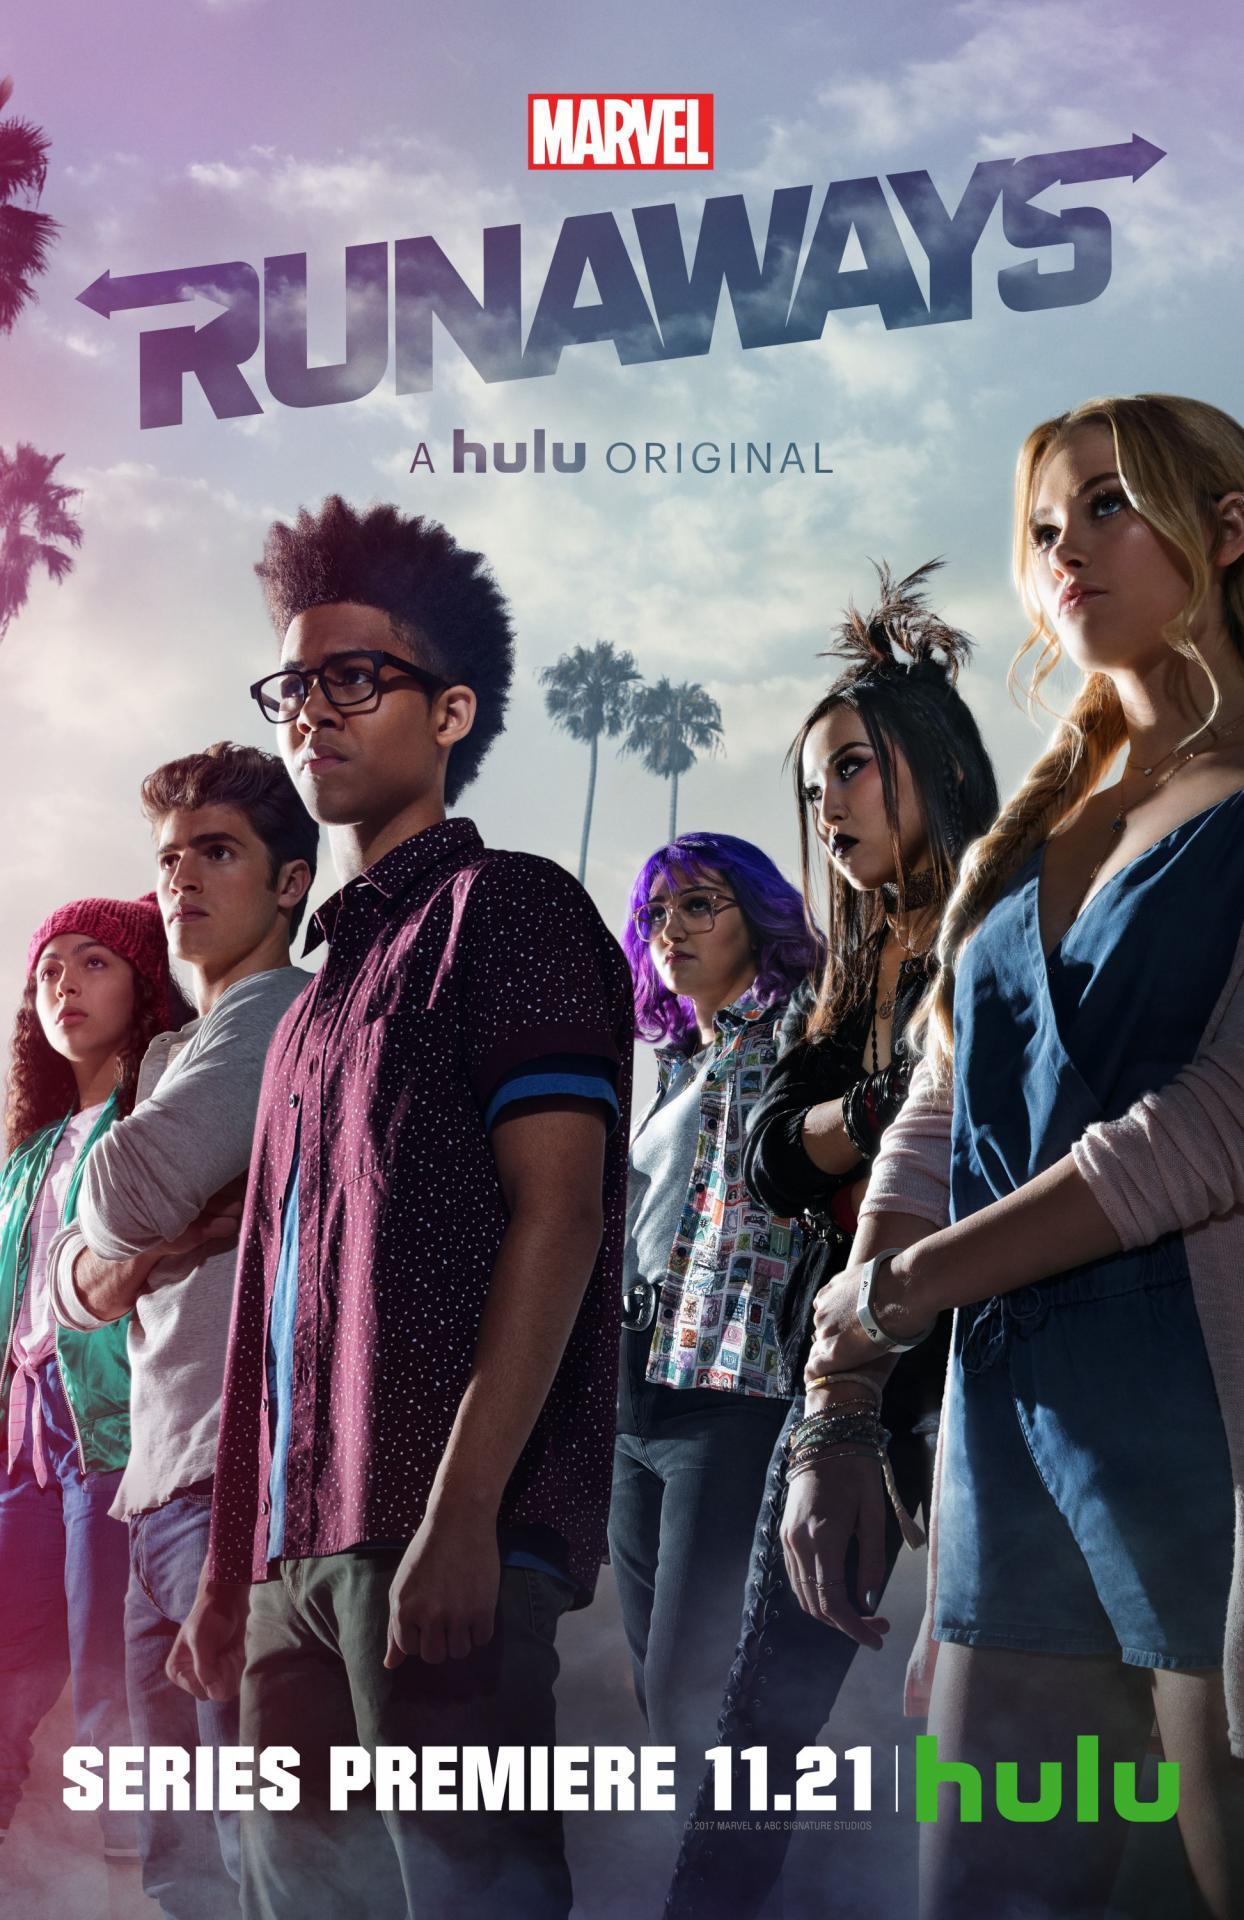 Runaways premiere poster